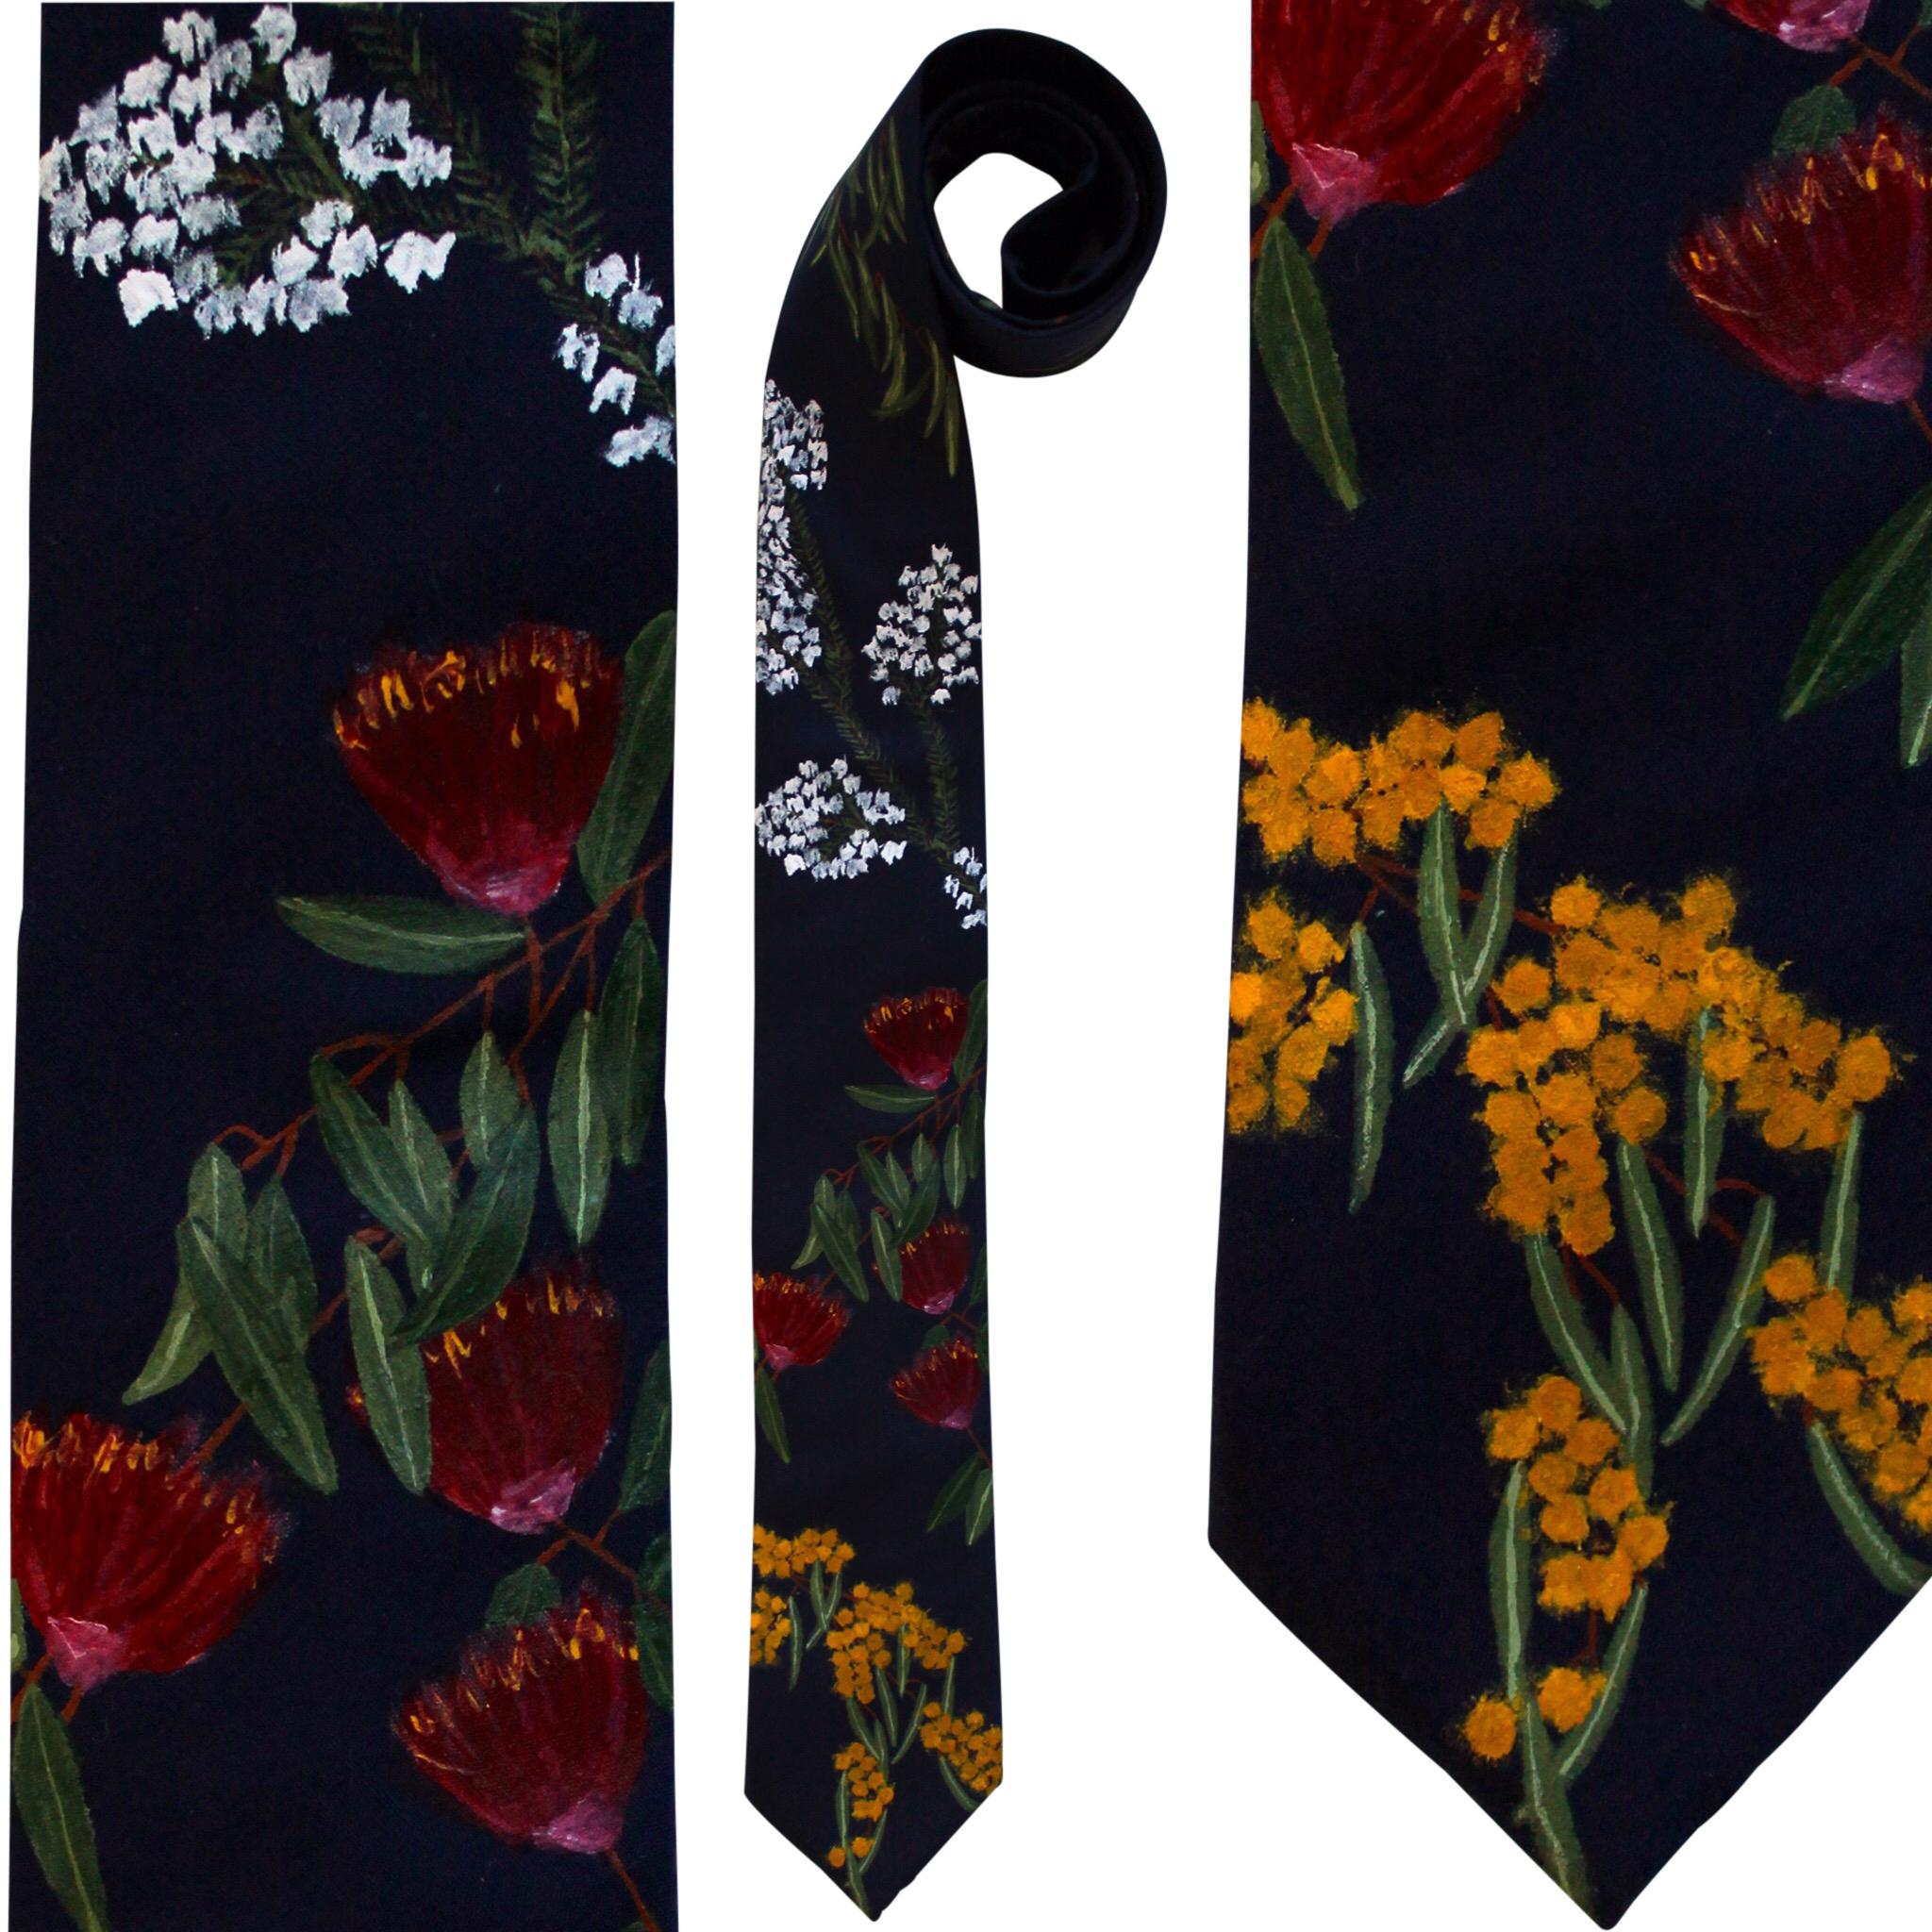 edward kwan hand painted necktie melbourne australia 5.jpg